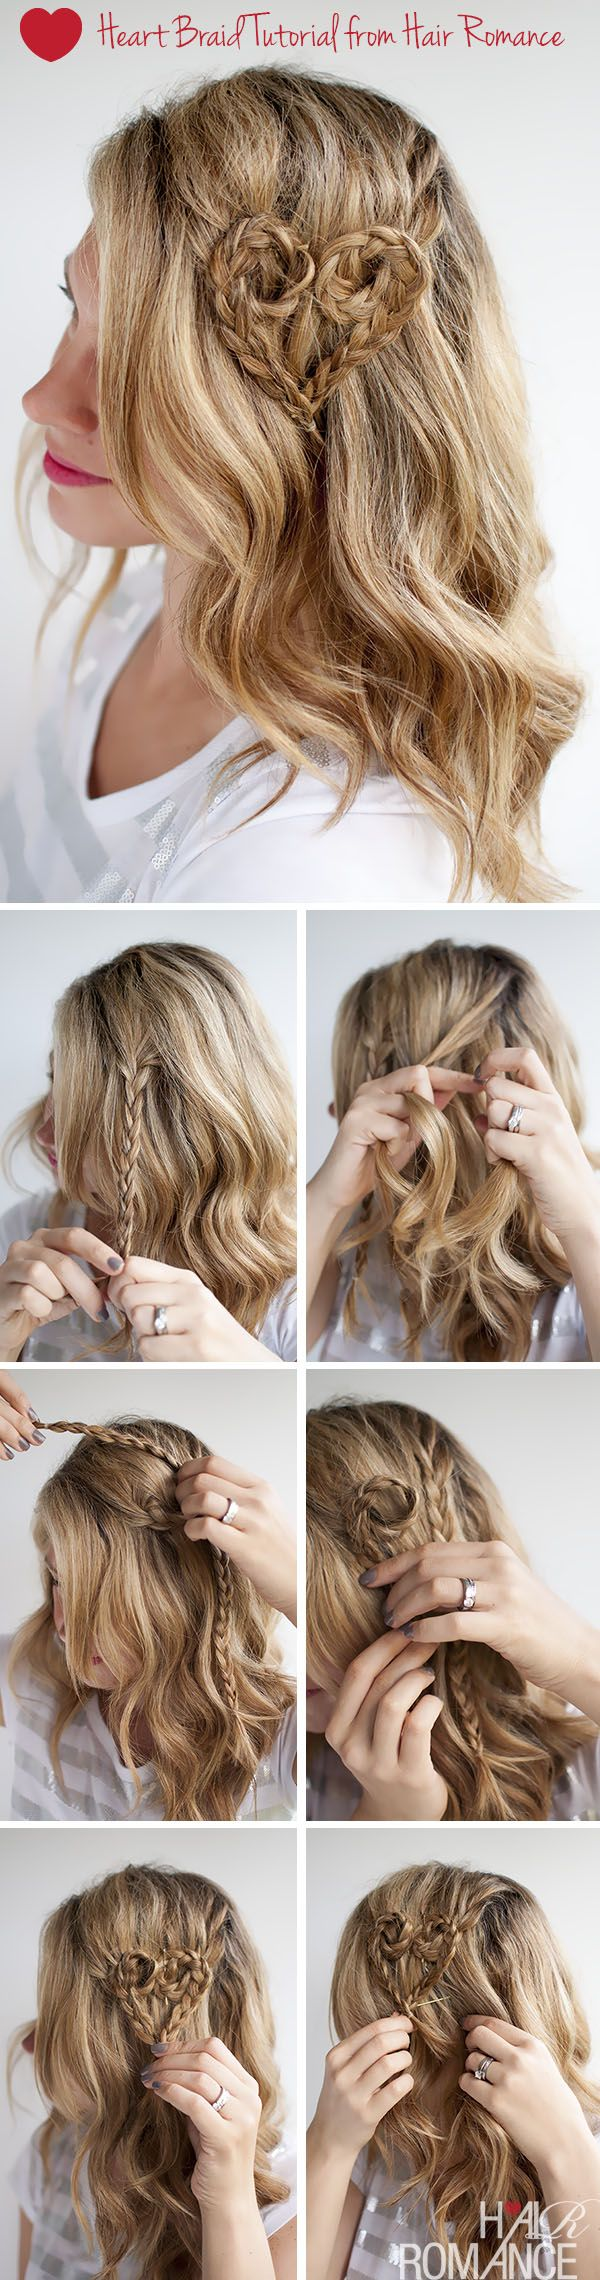 Valentine S Day Hairstyle Tutorial Heart Braid Hairstyle Hair Romance Hair Styles Valentine Hair Valentine S Day Hairstyles